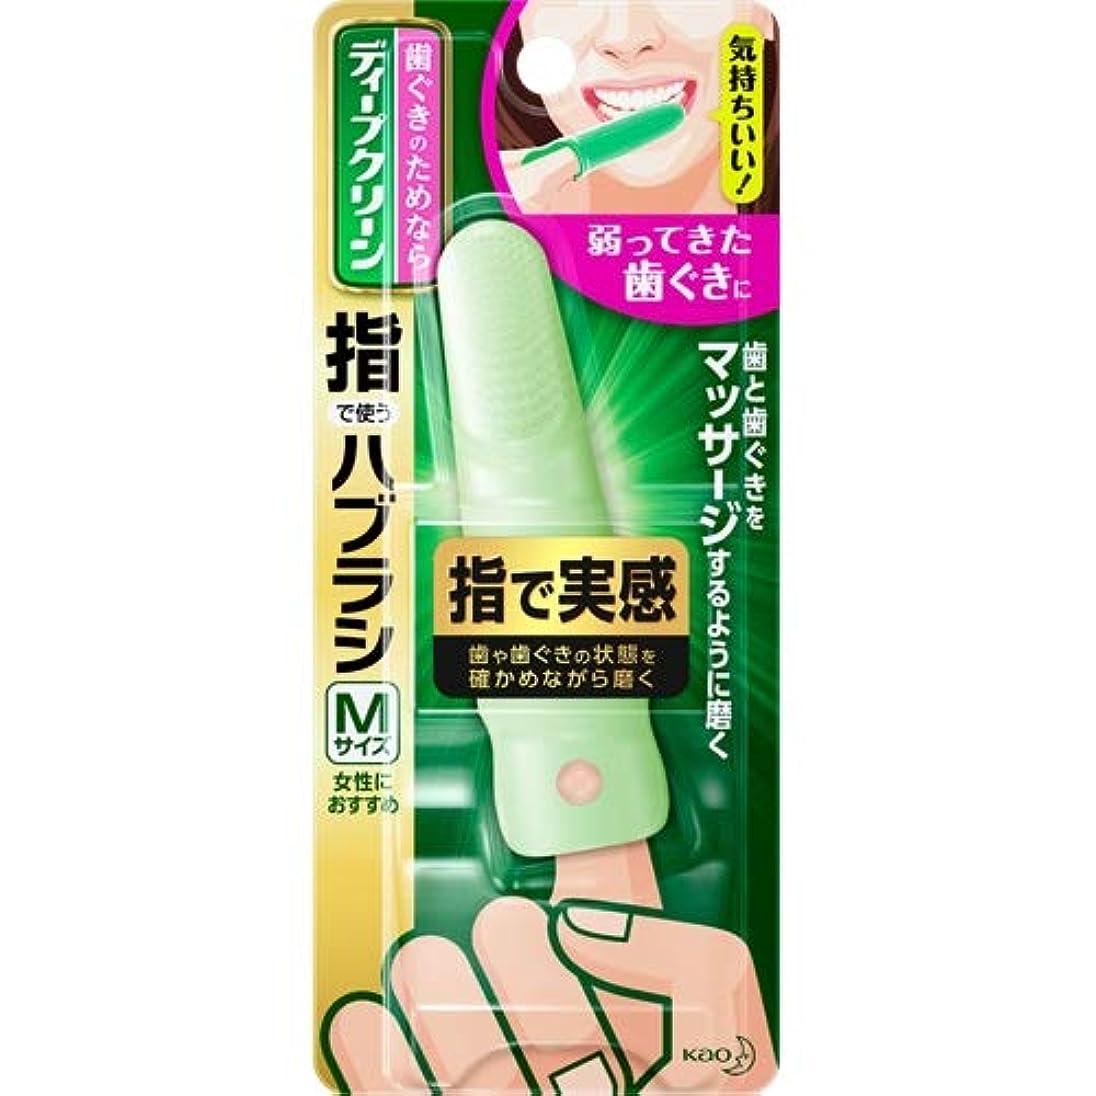 ネズミ敵意バルクディープクリーン 指で使うハブラシ Mサイズ (女性におすすめサイズ)